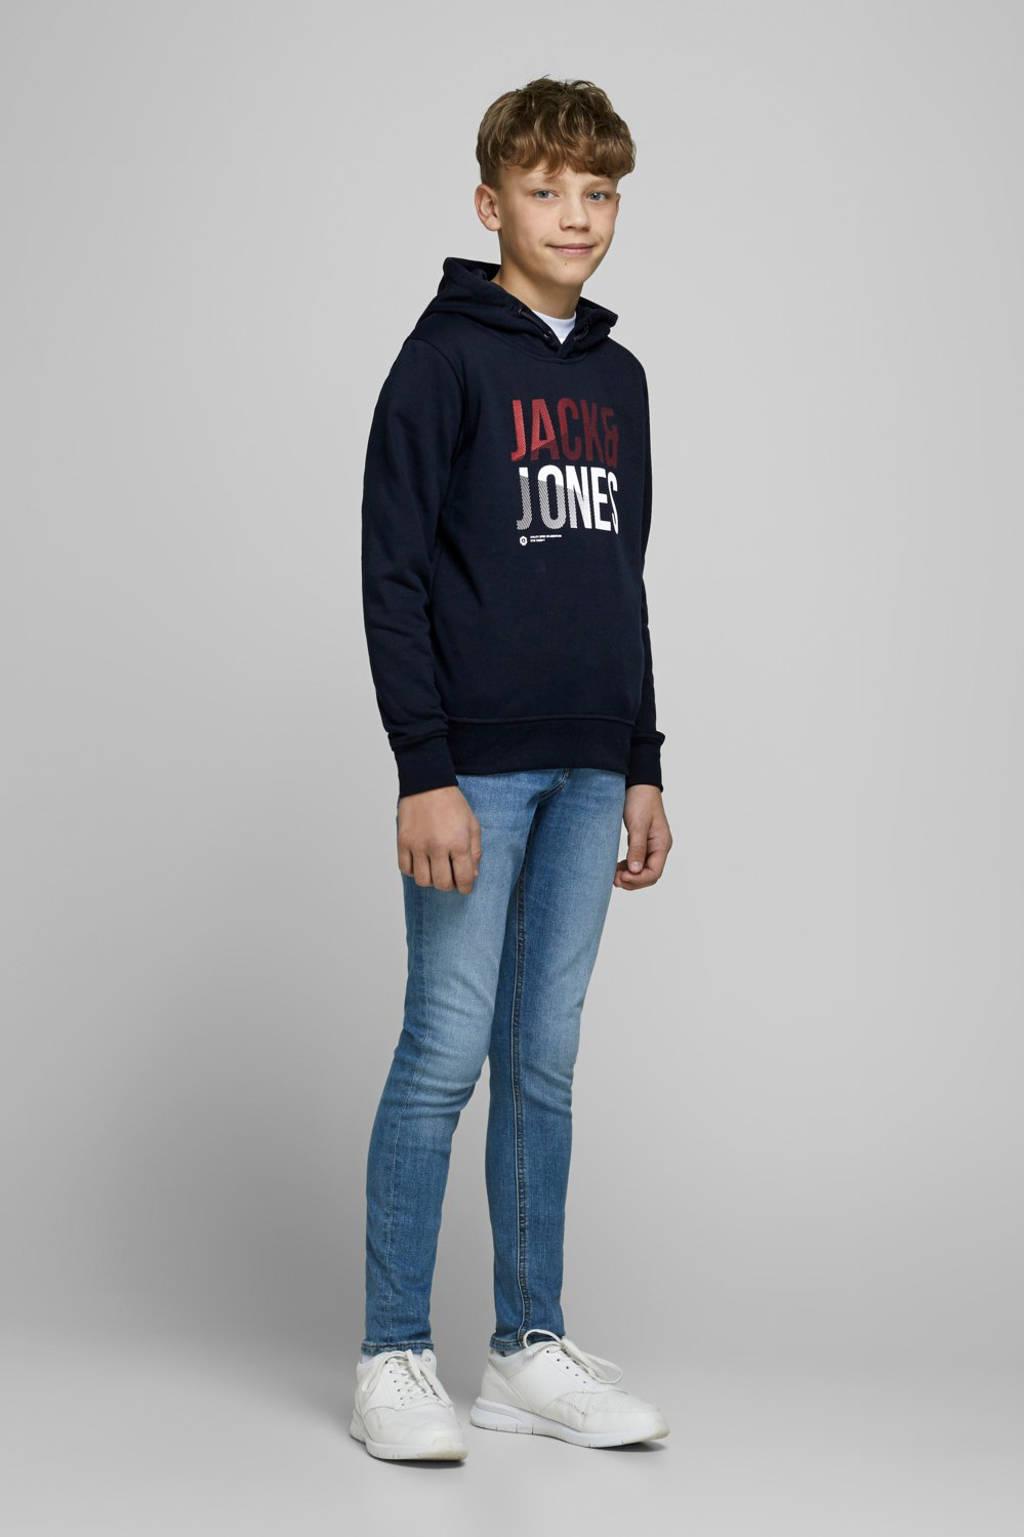 JACK & JONES JUNIOR hoodie Foke met logo wit, Zwart